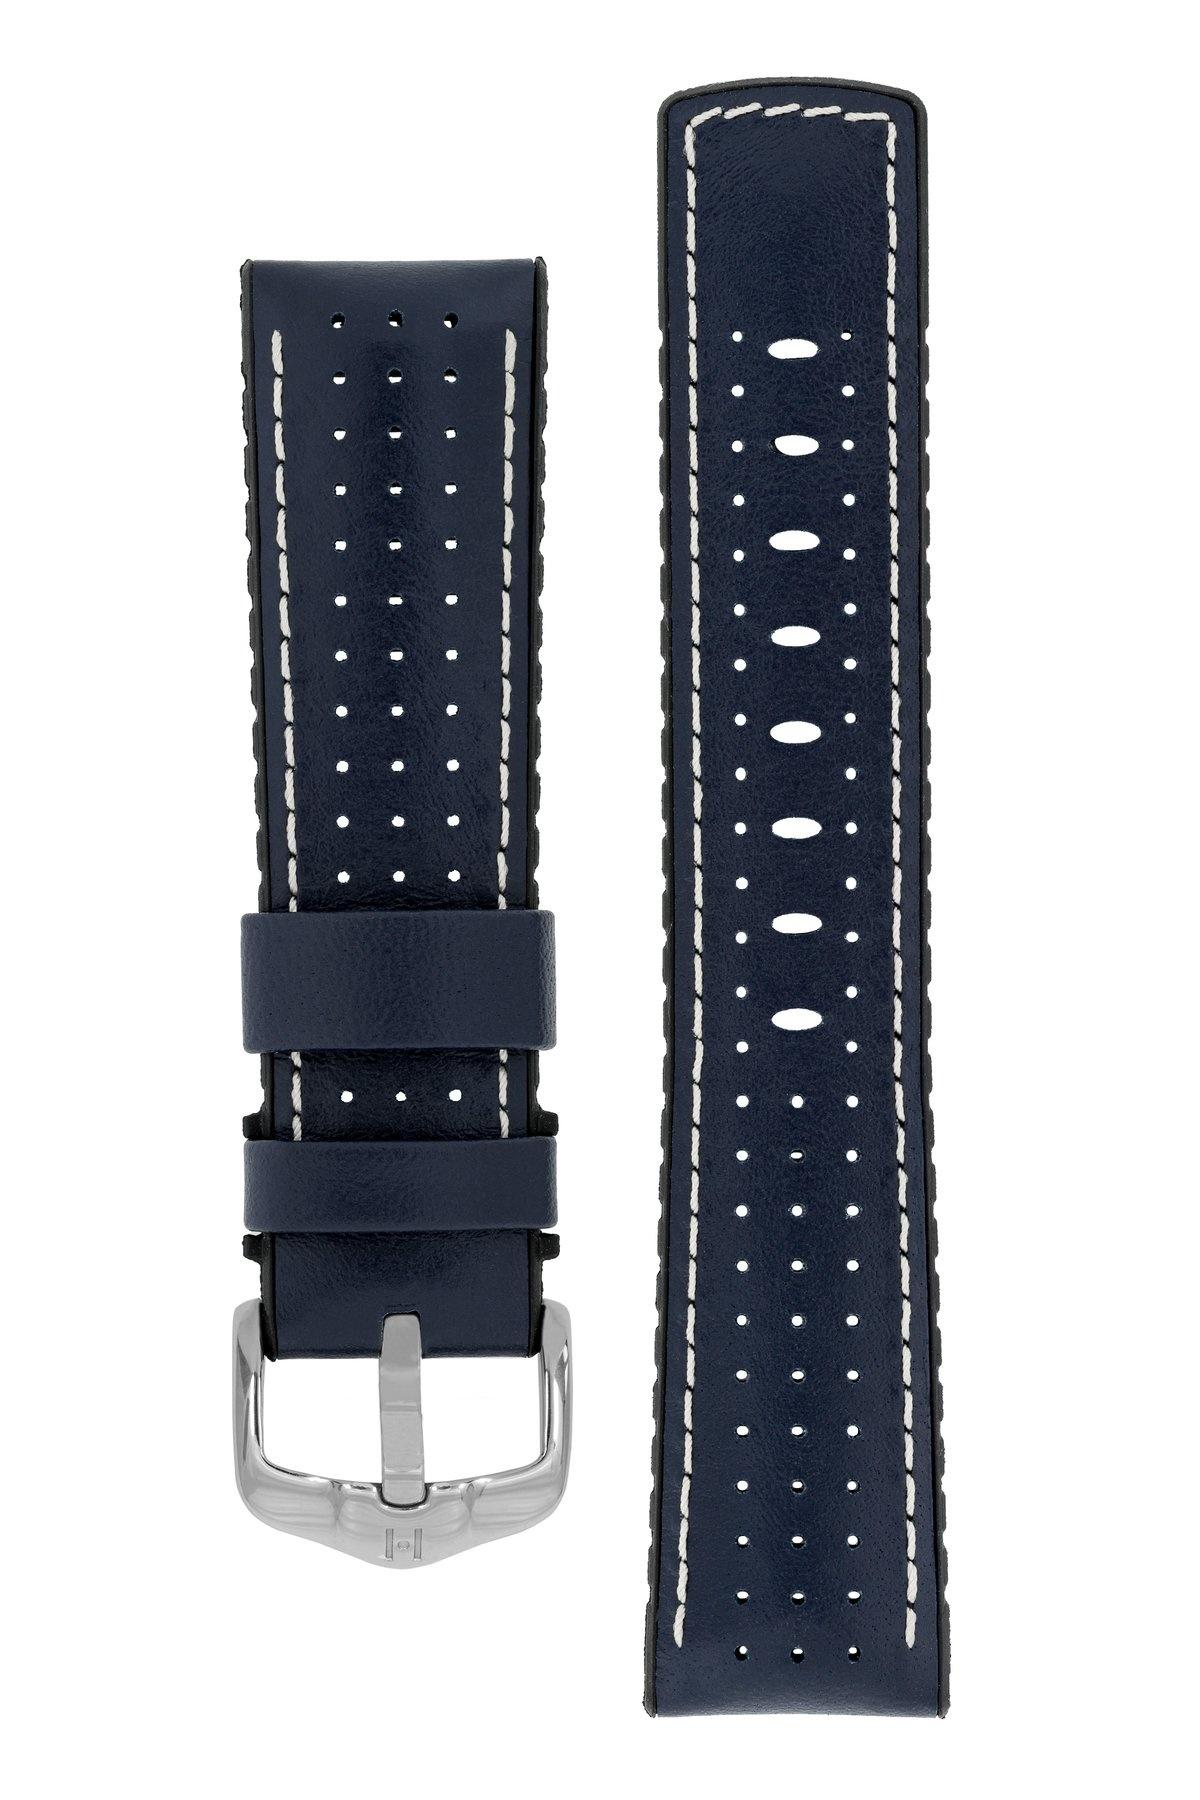 Horlogebandje Tiger Kalfsleer + Premium Caoutchouc (Rubber) 20 mm-8